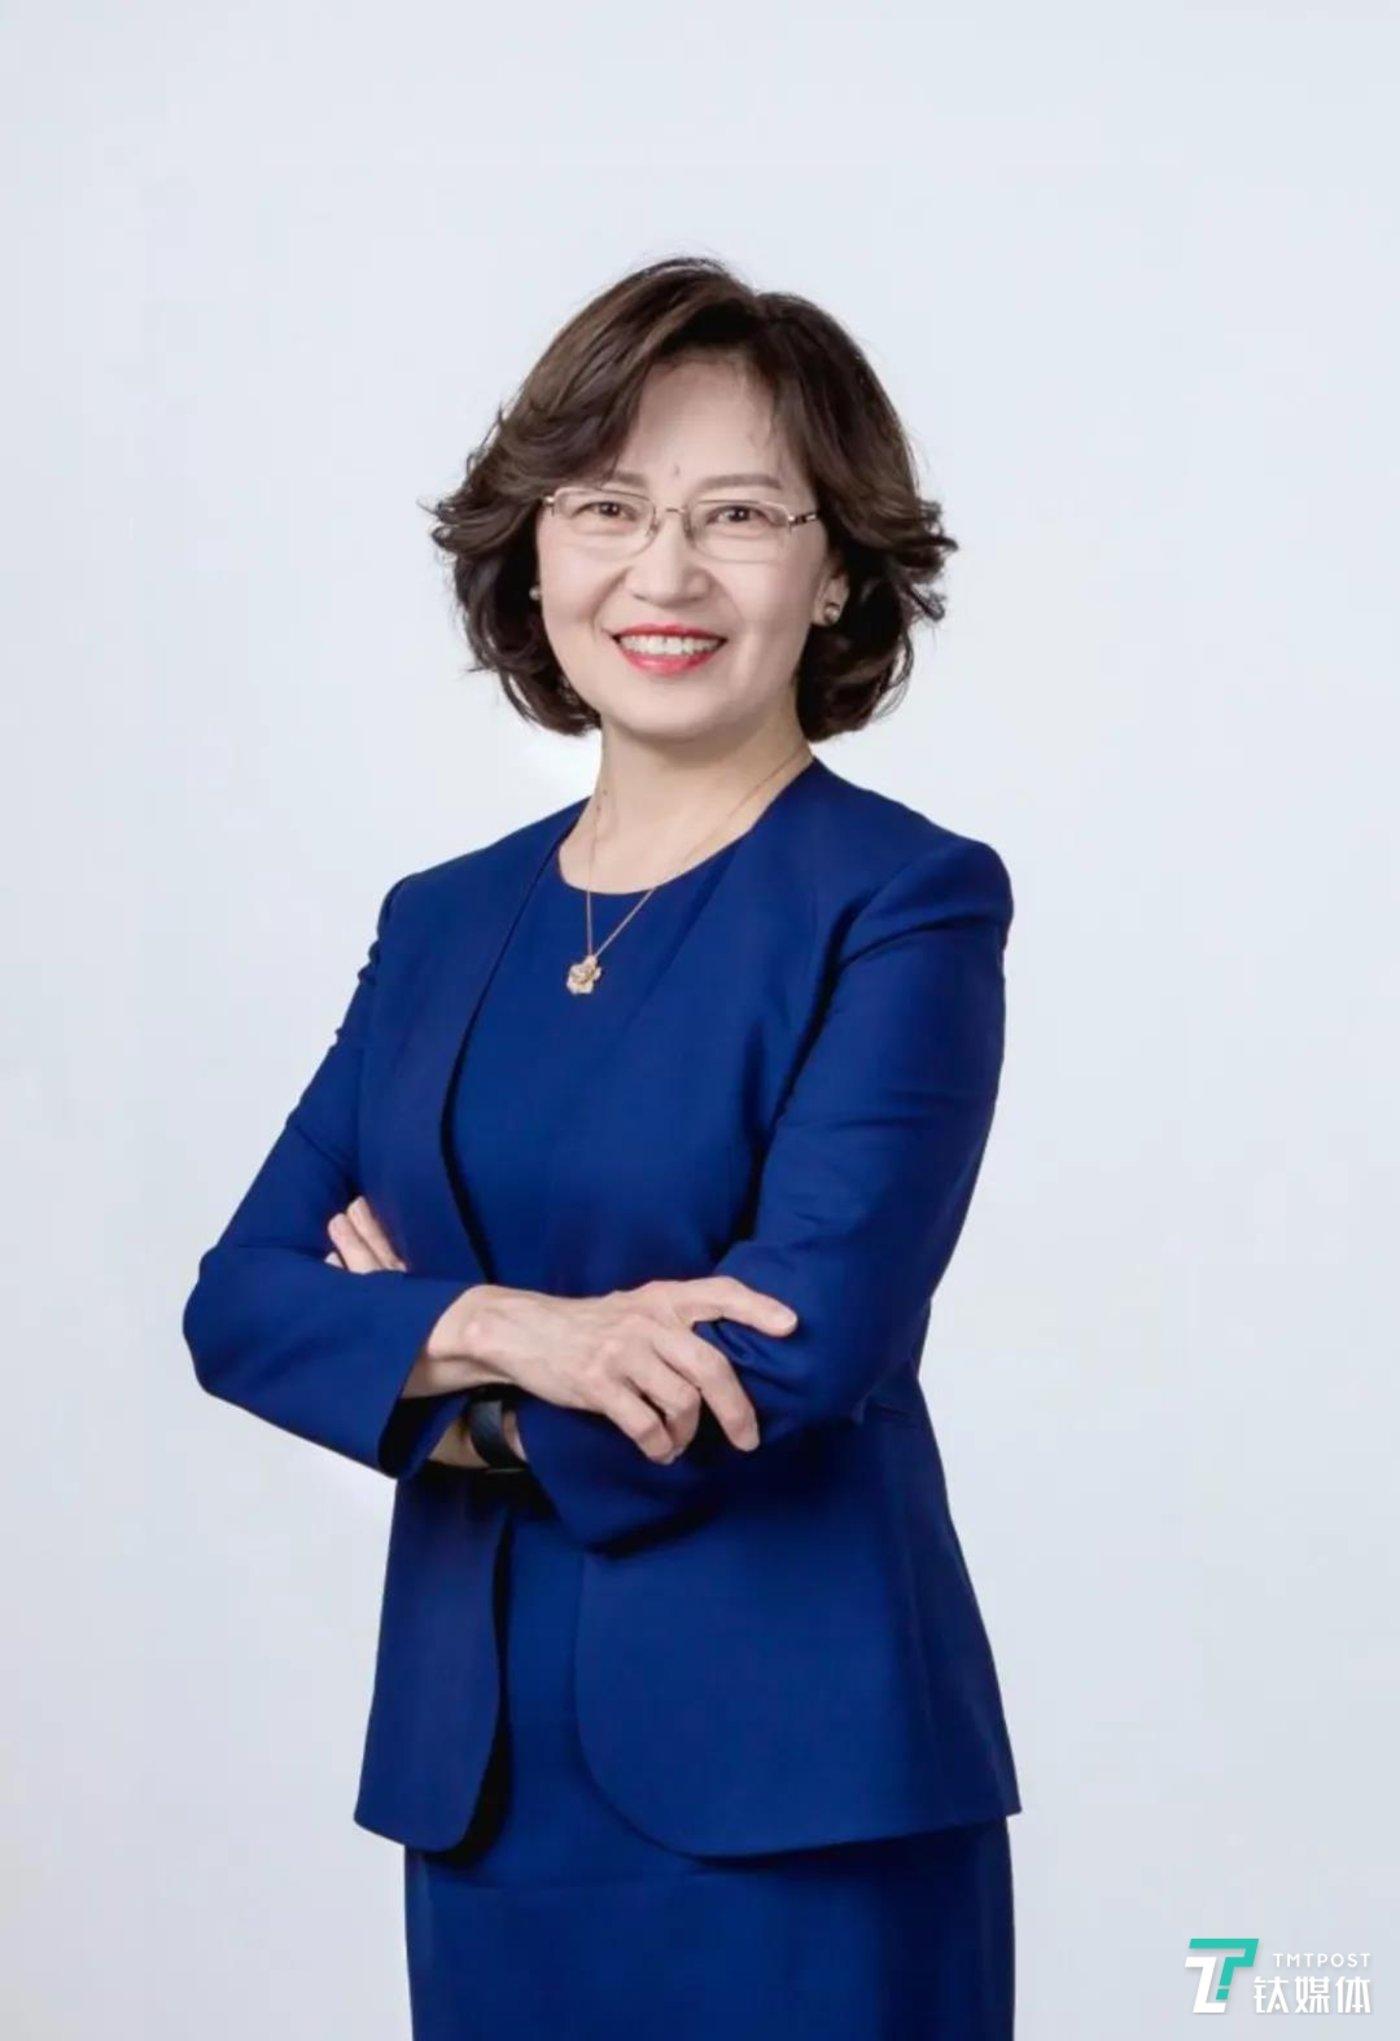 王锐博士:英特尔公司高级副总裁、英特尔中国区董事长